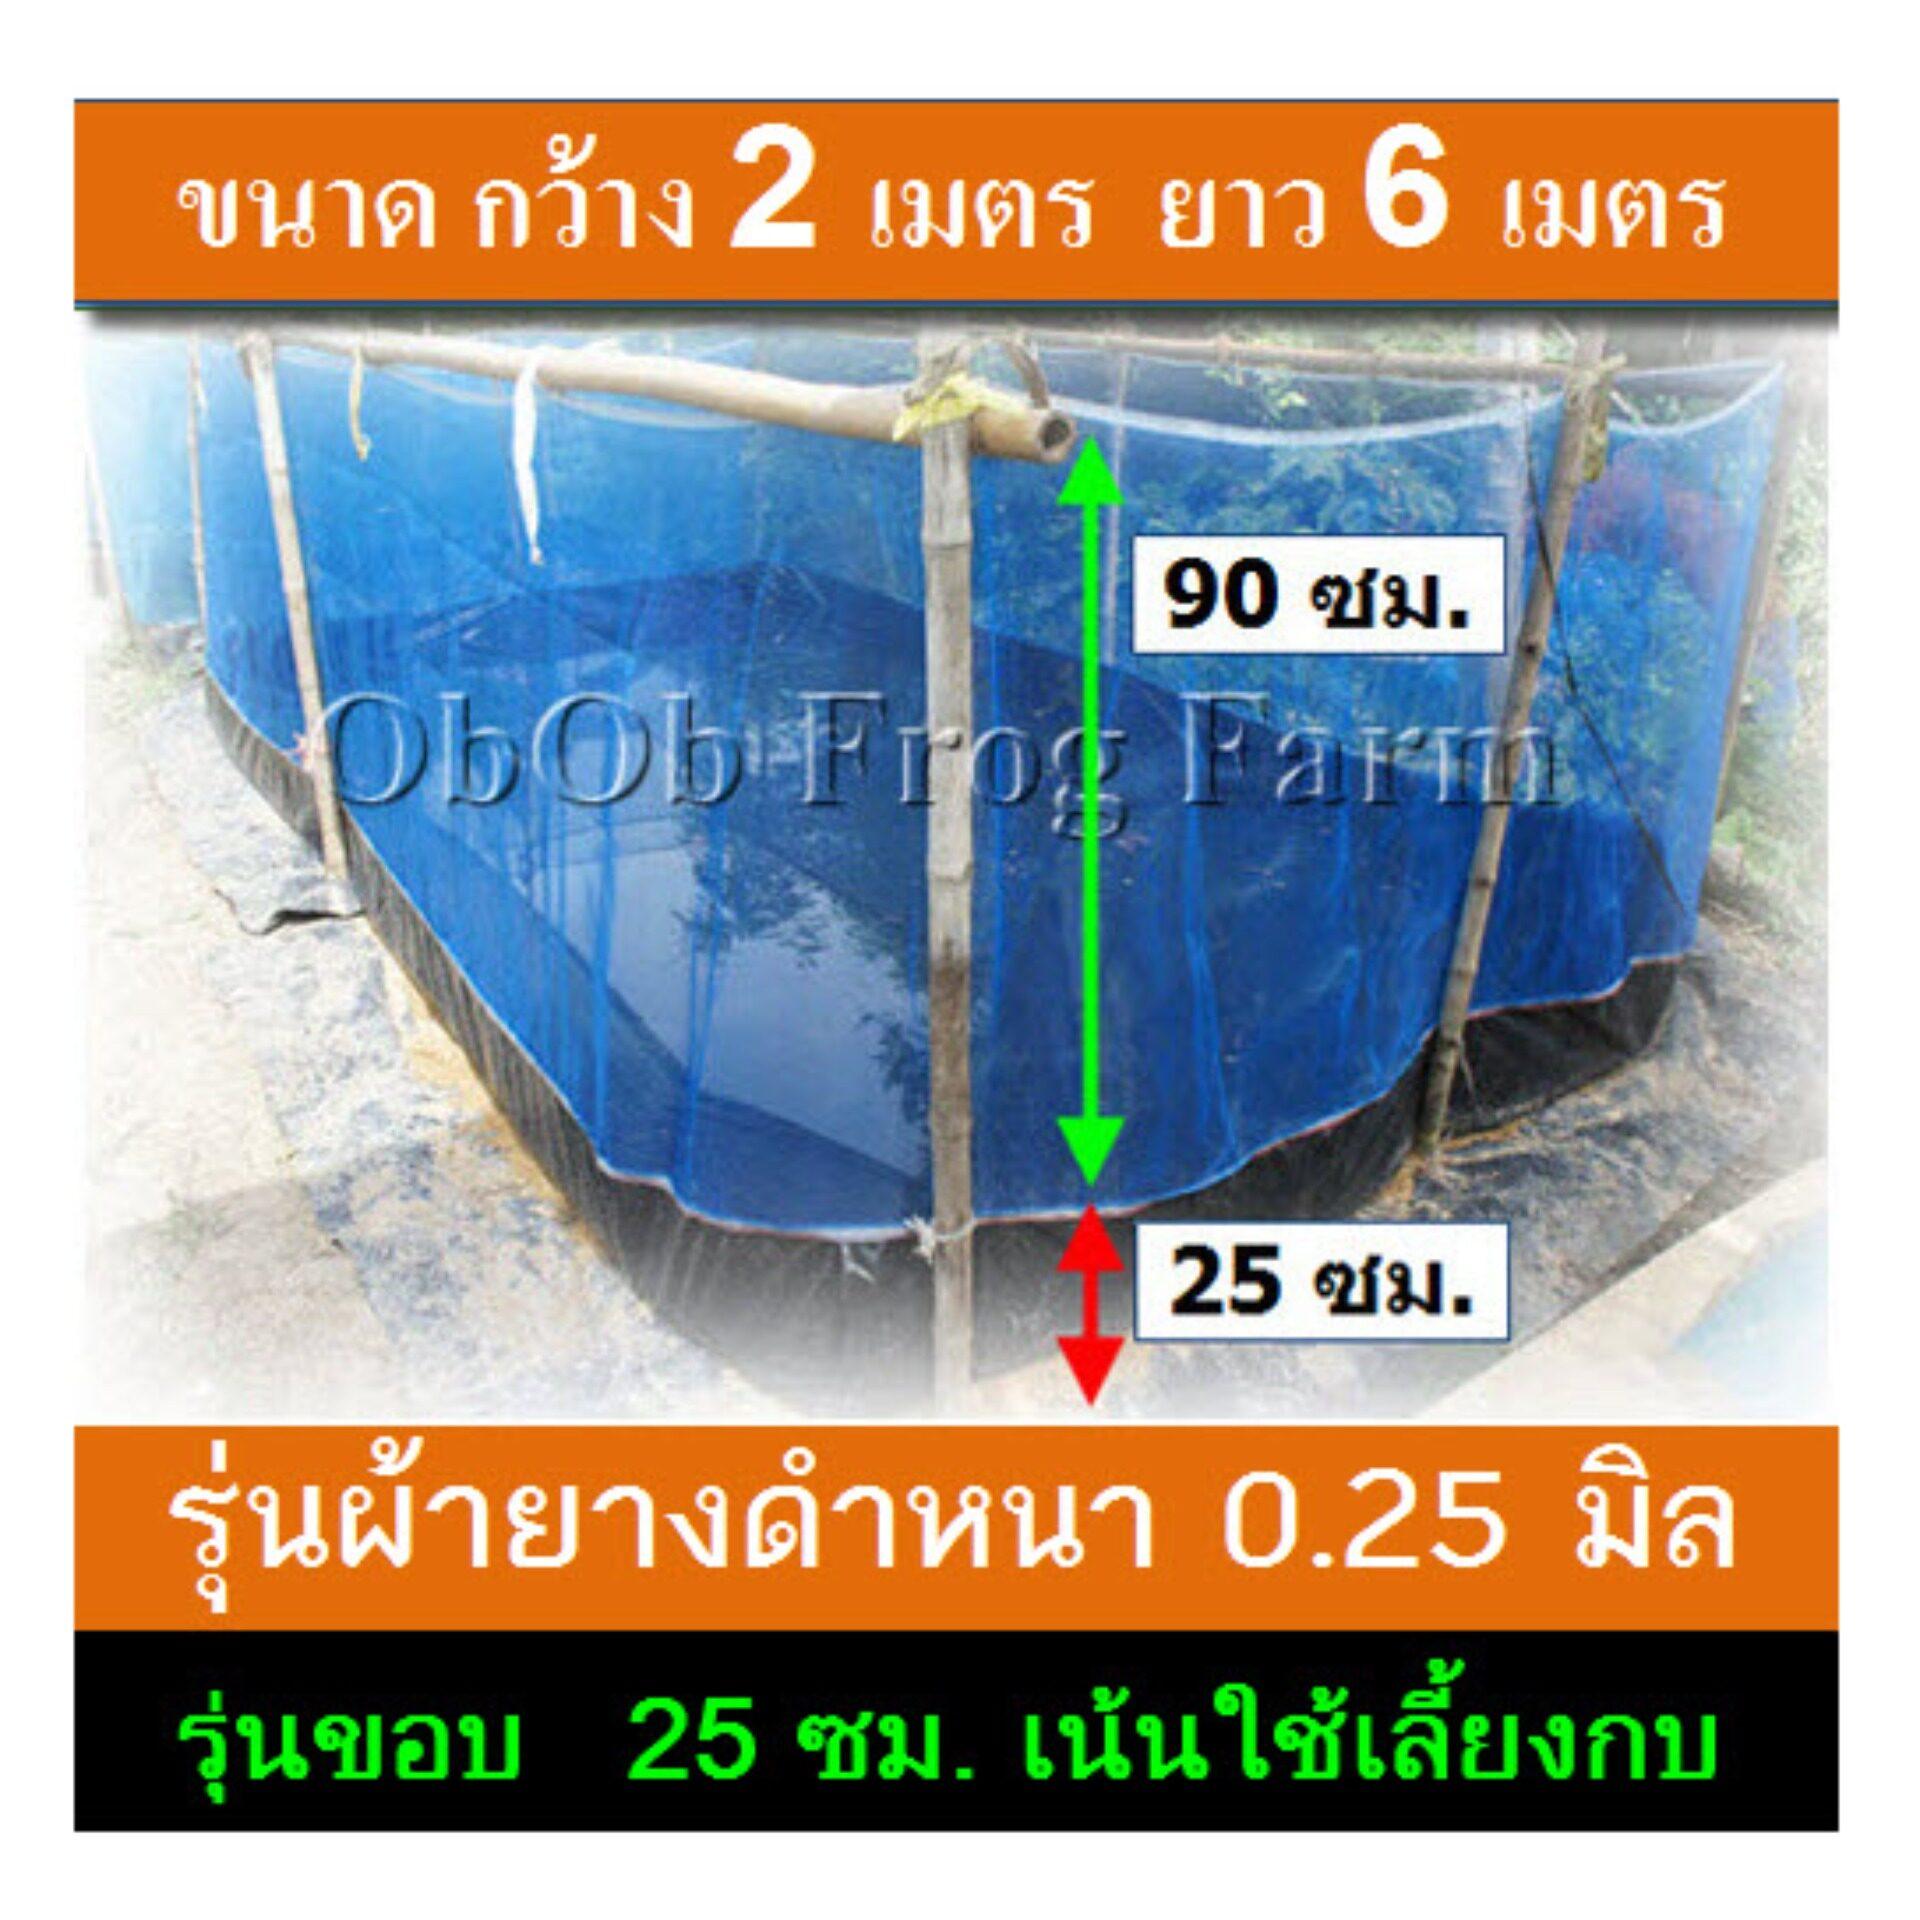 กระชังบก กระชังเลี้ยงกบ ขนาด 2x6 เมตร ยกขอบ 25ซม. รุ่นหนา 0.25มิล (ของแท้รับประกันเปลี่ยนชิ้นใหม่ ฟรี! ถ้าพบรูฉีกขาดใหญ่ ก่อนติดตั้ง)